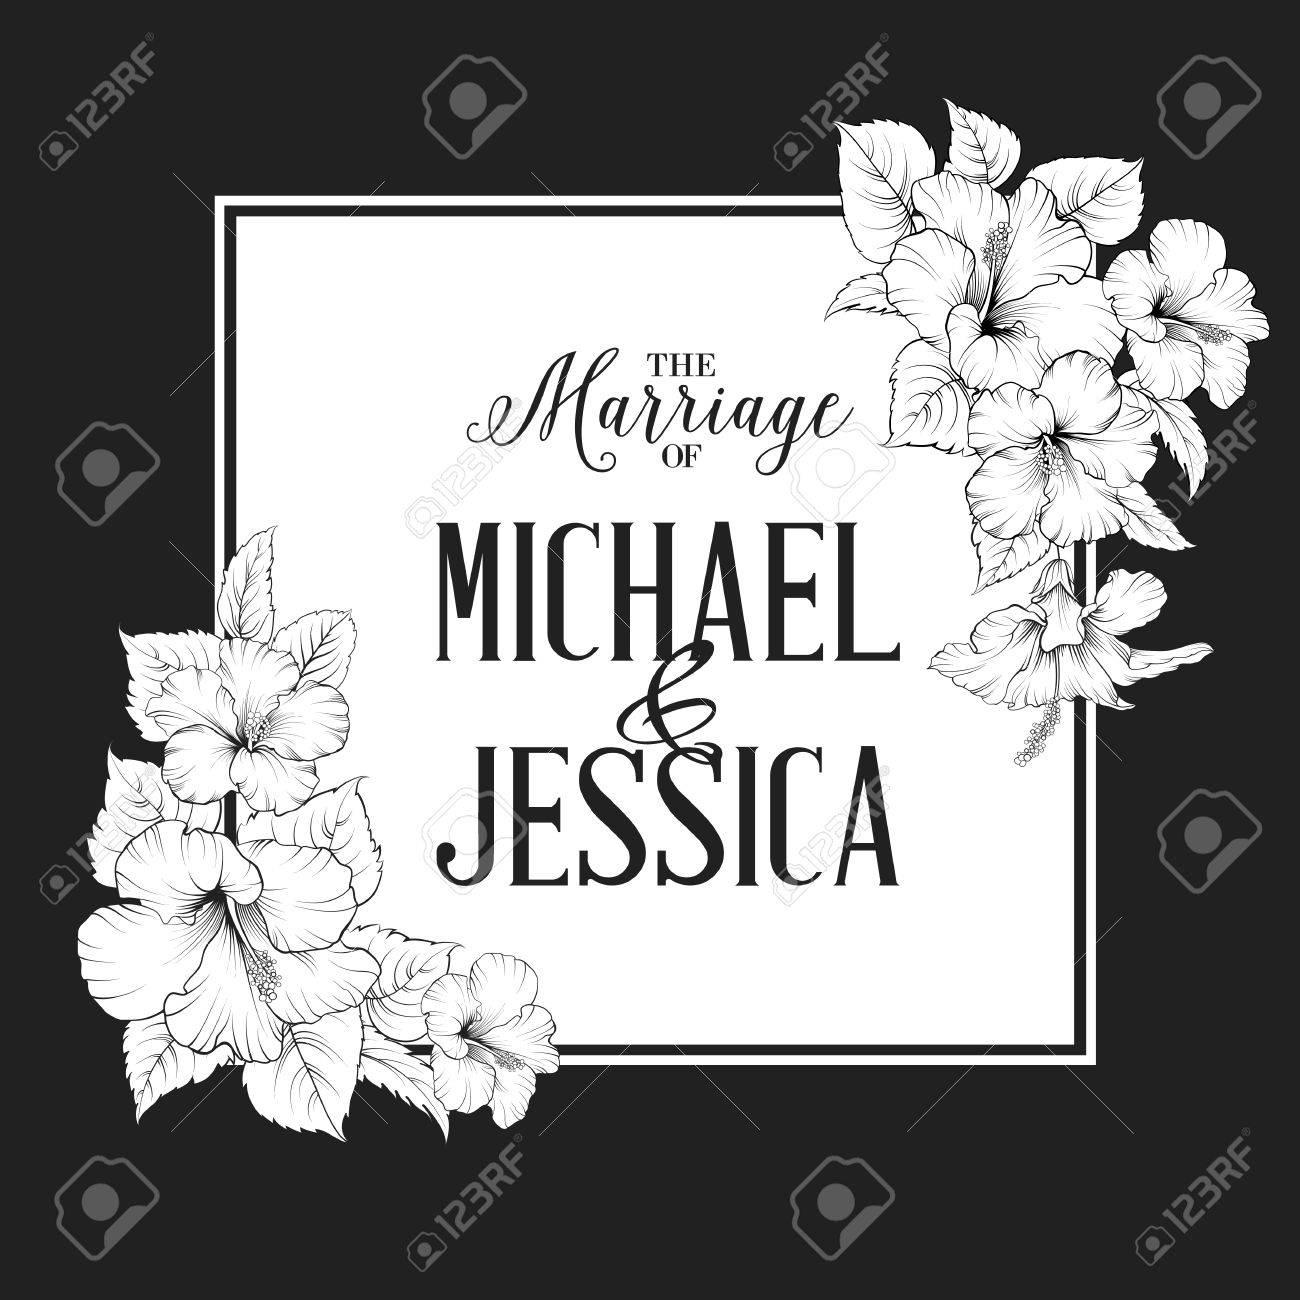 Hibiscus Blume Rahmen Mit Ehe Text. Schwarz Und Weiß. Vektor ...